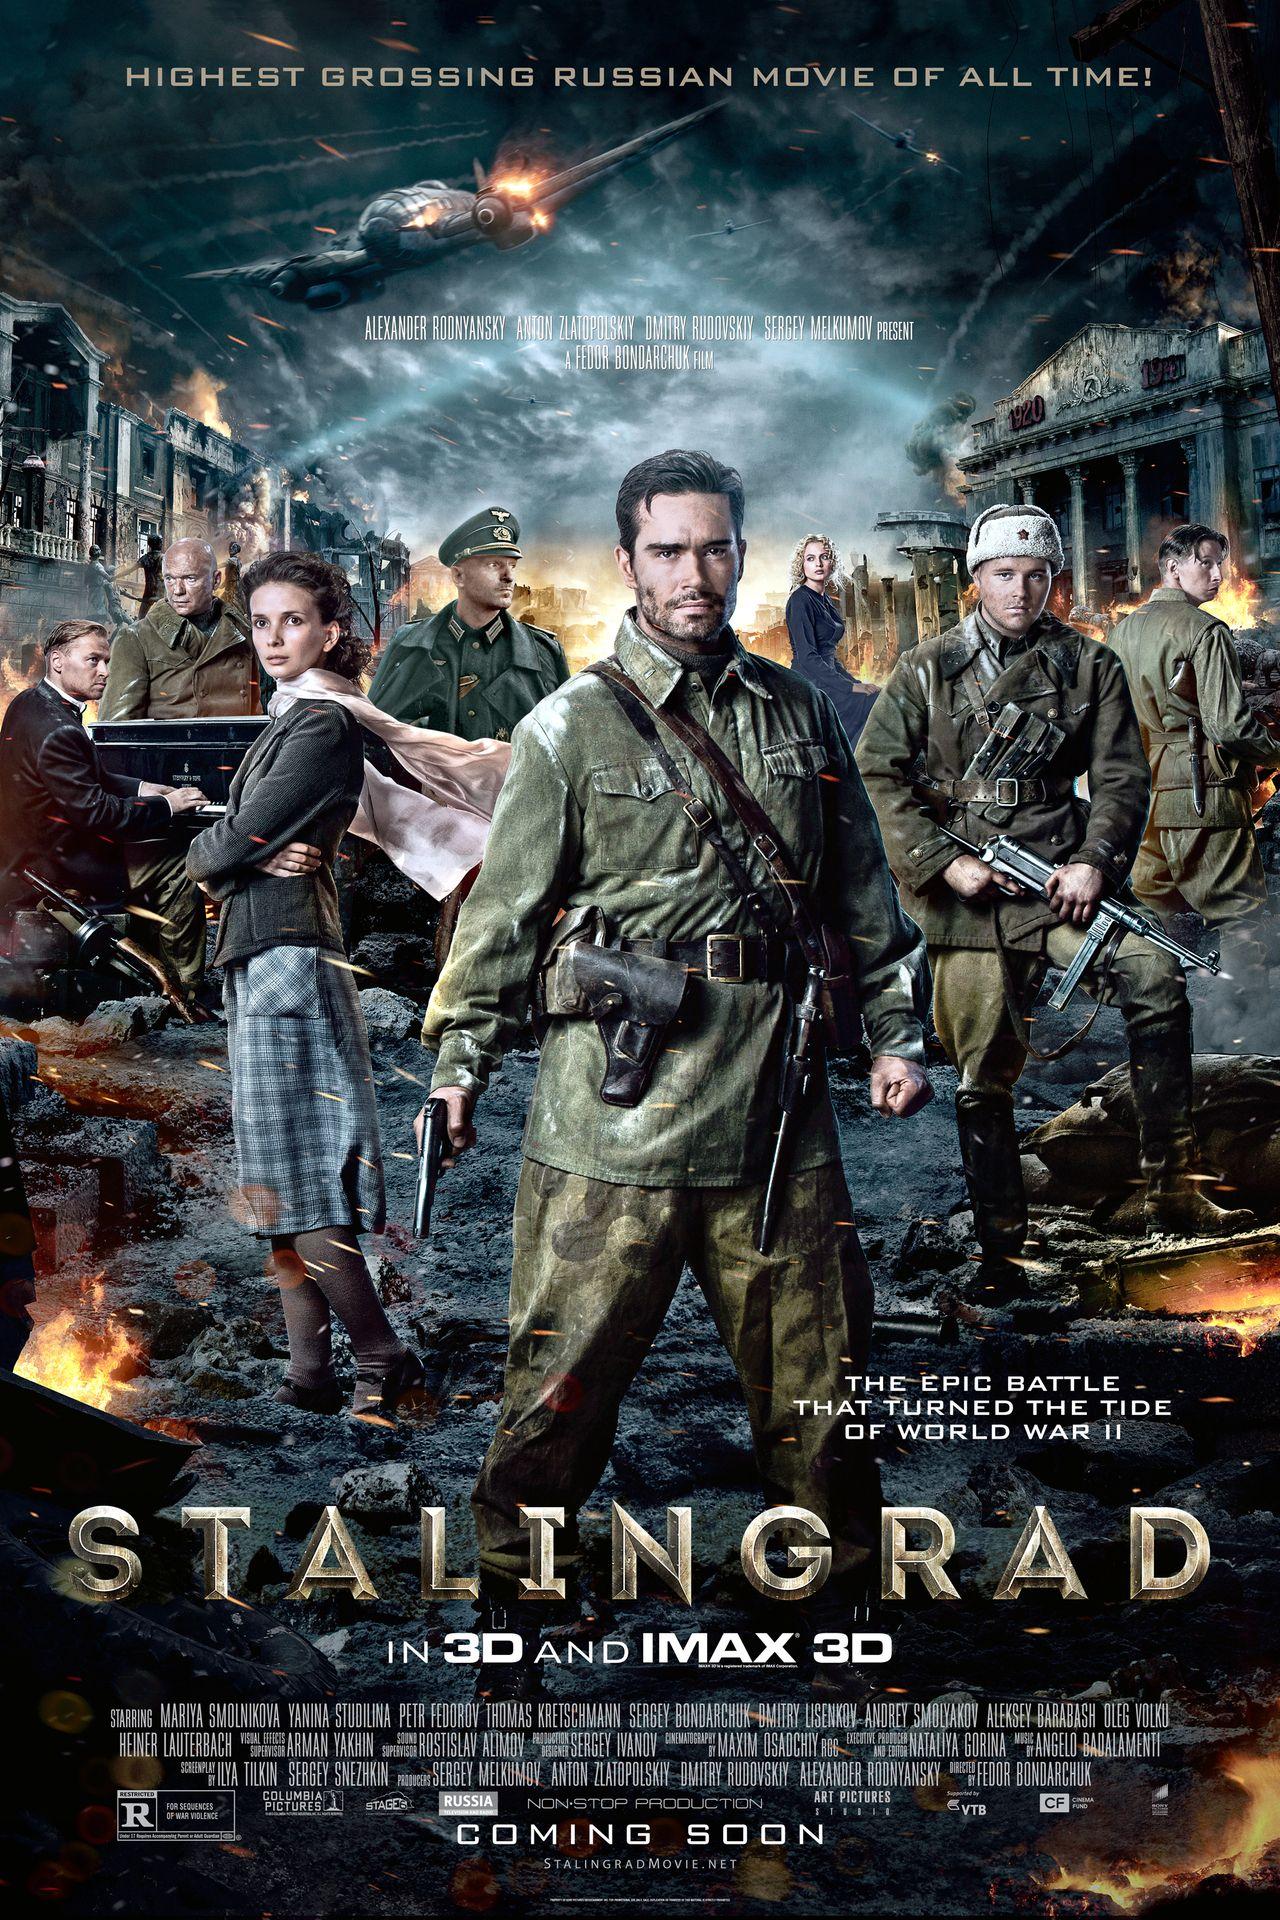 Pin By Samir Dz On Samir Dz Full Movies Online Free Free Movies Online War Movies